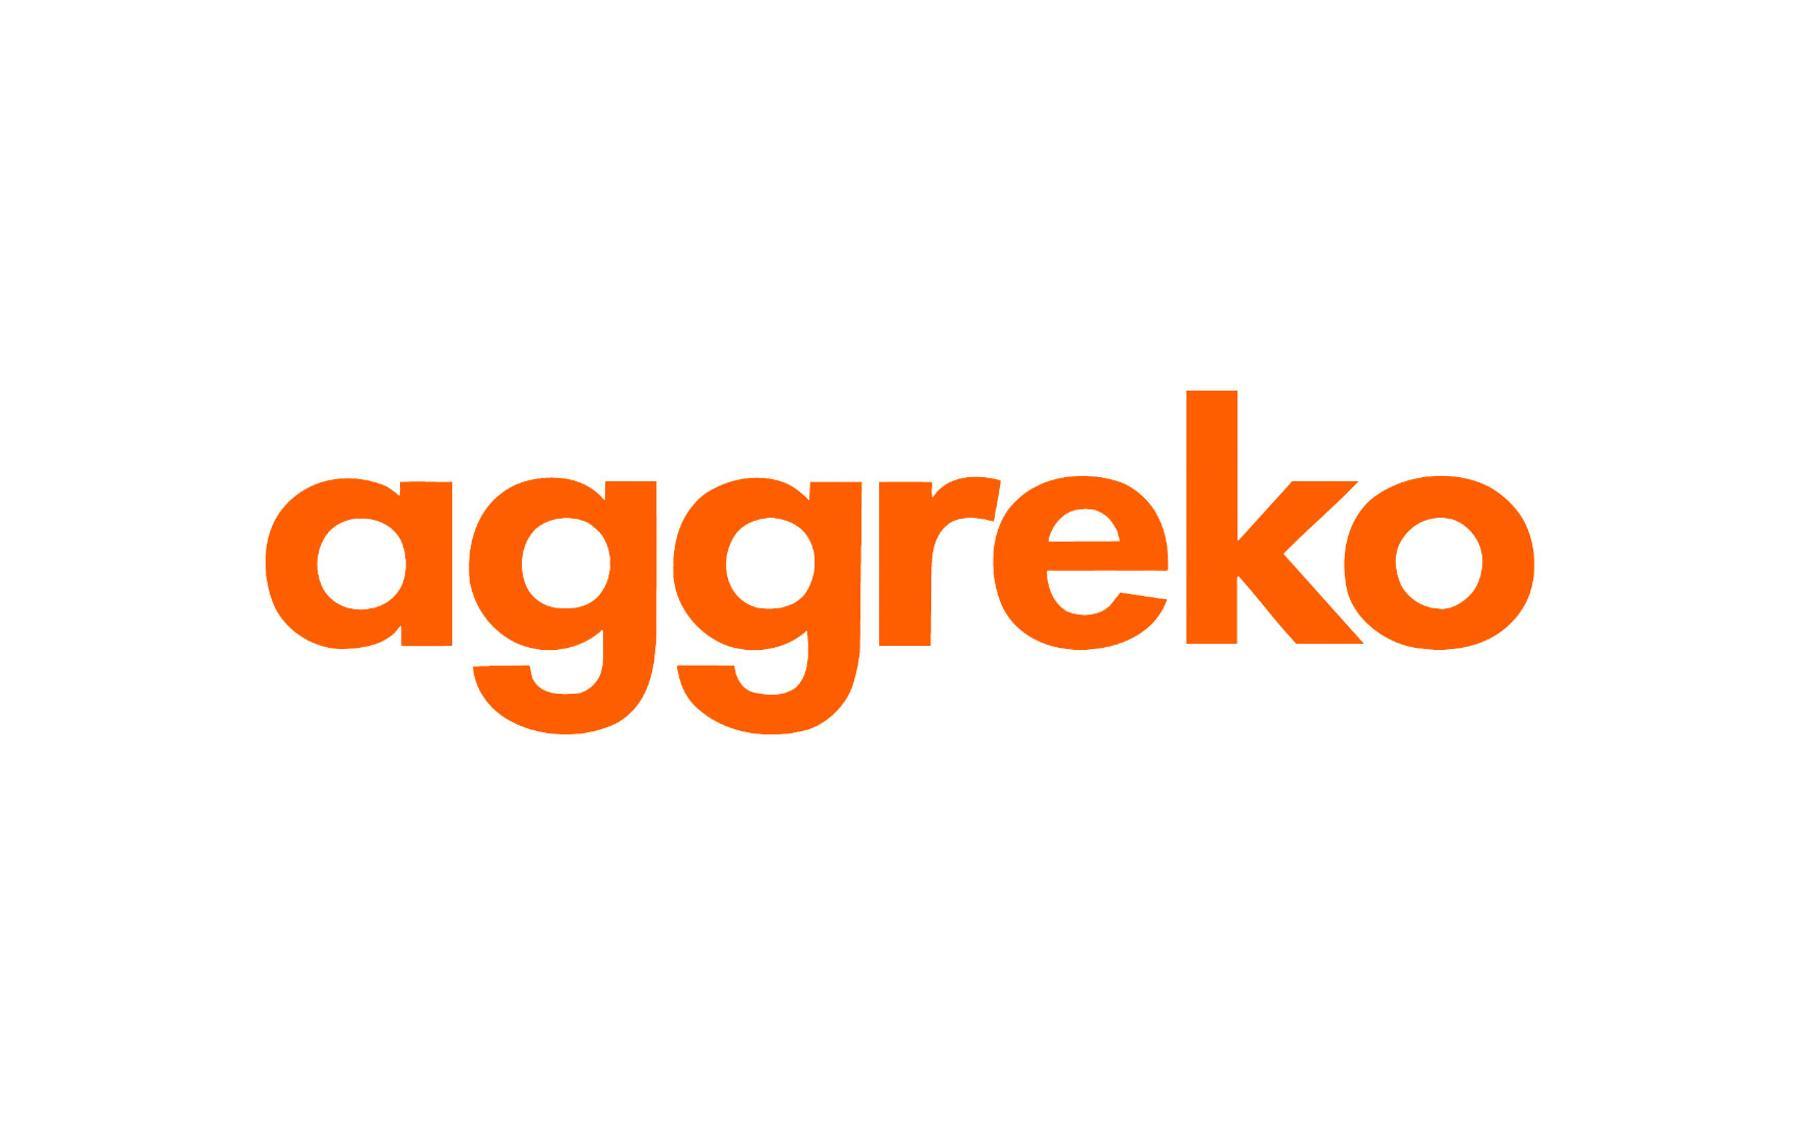 logo de Aggreko